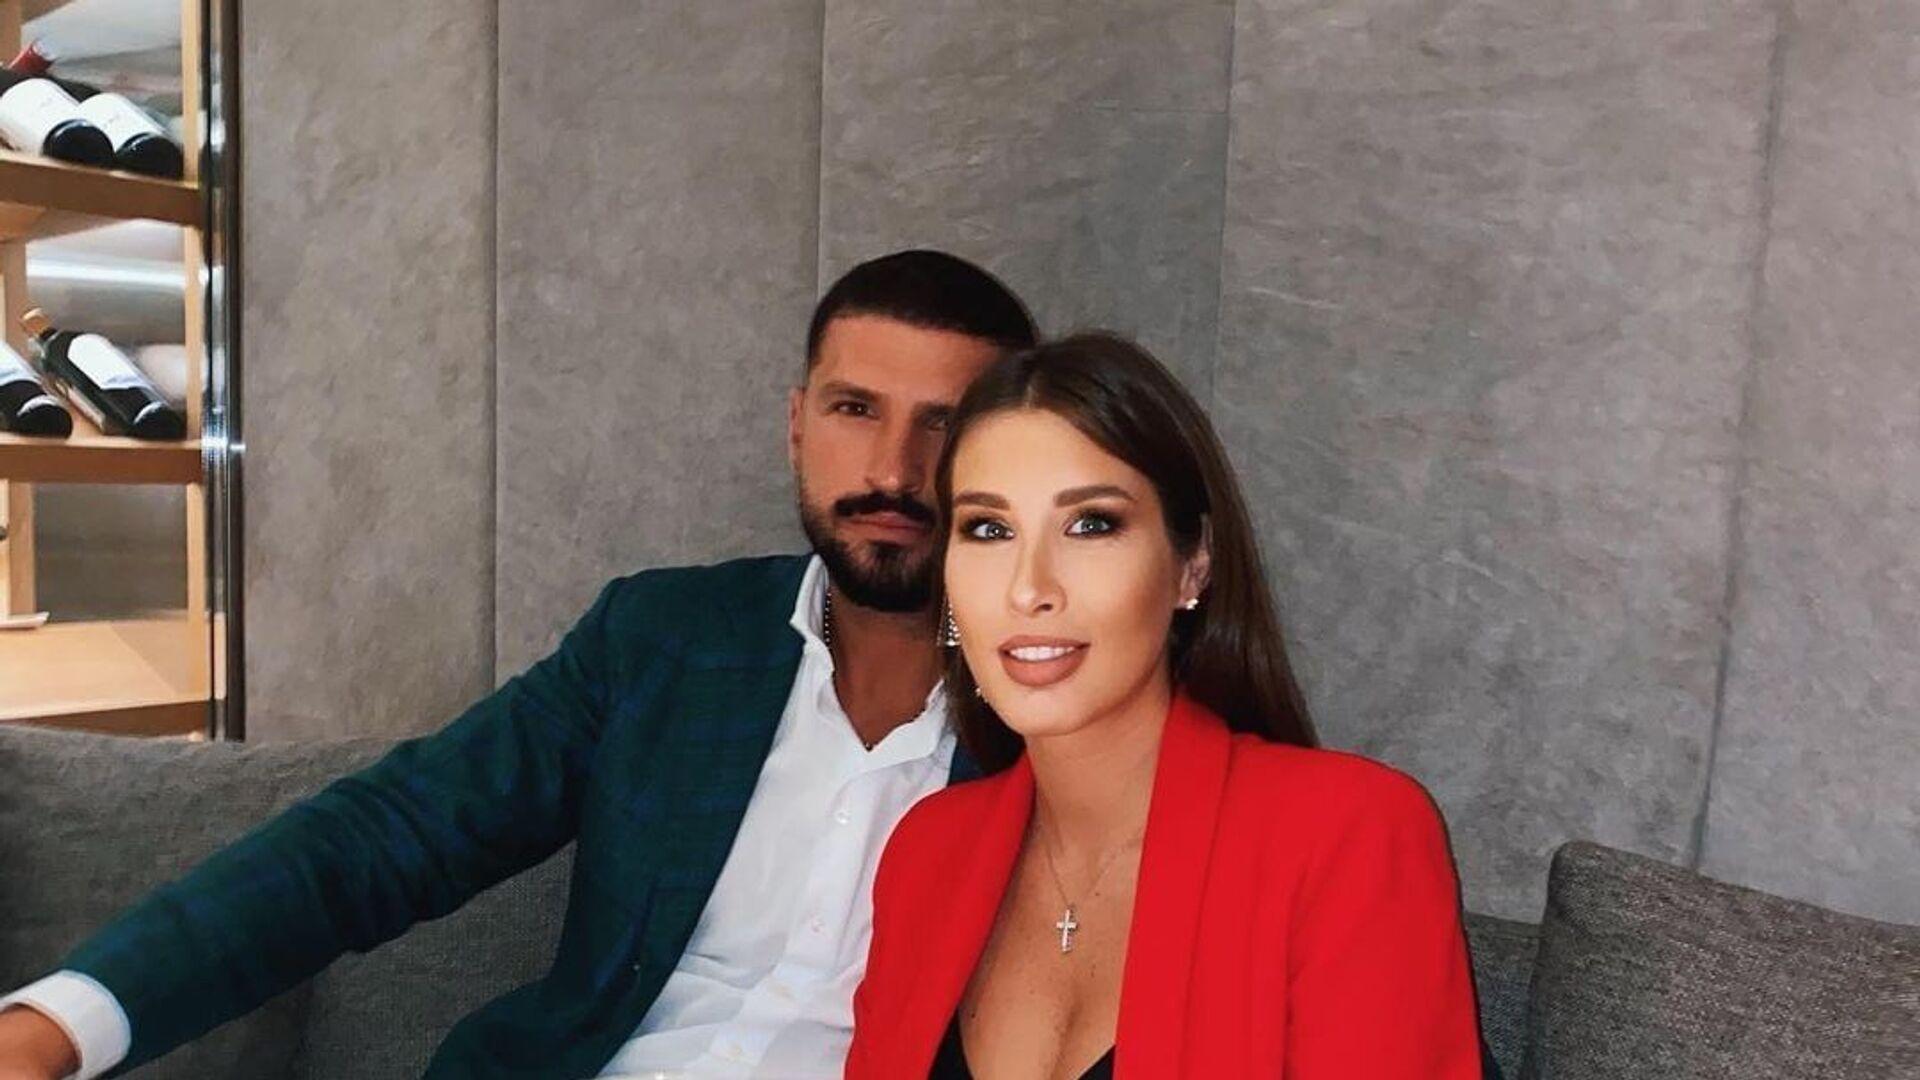 ქეთა თოფურია მეუღლესთან ერთად - Sputnik საქართველო, 1920, 07.10.2021